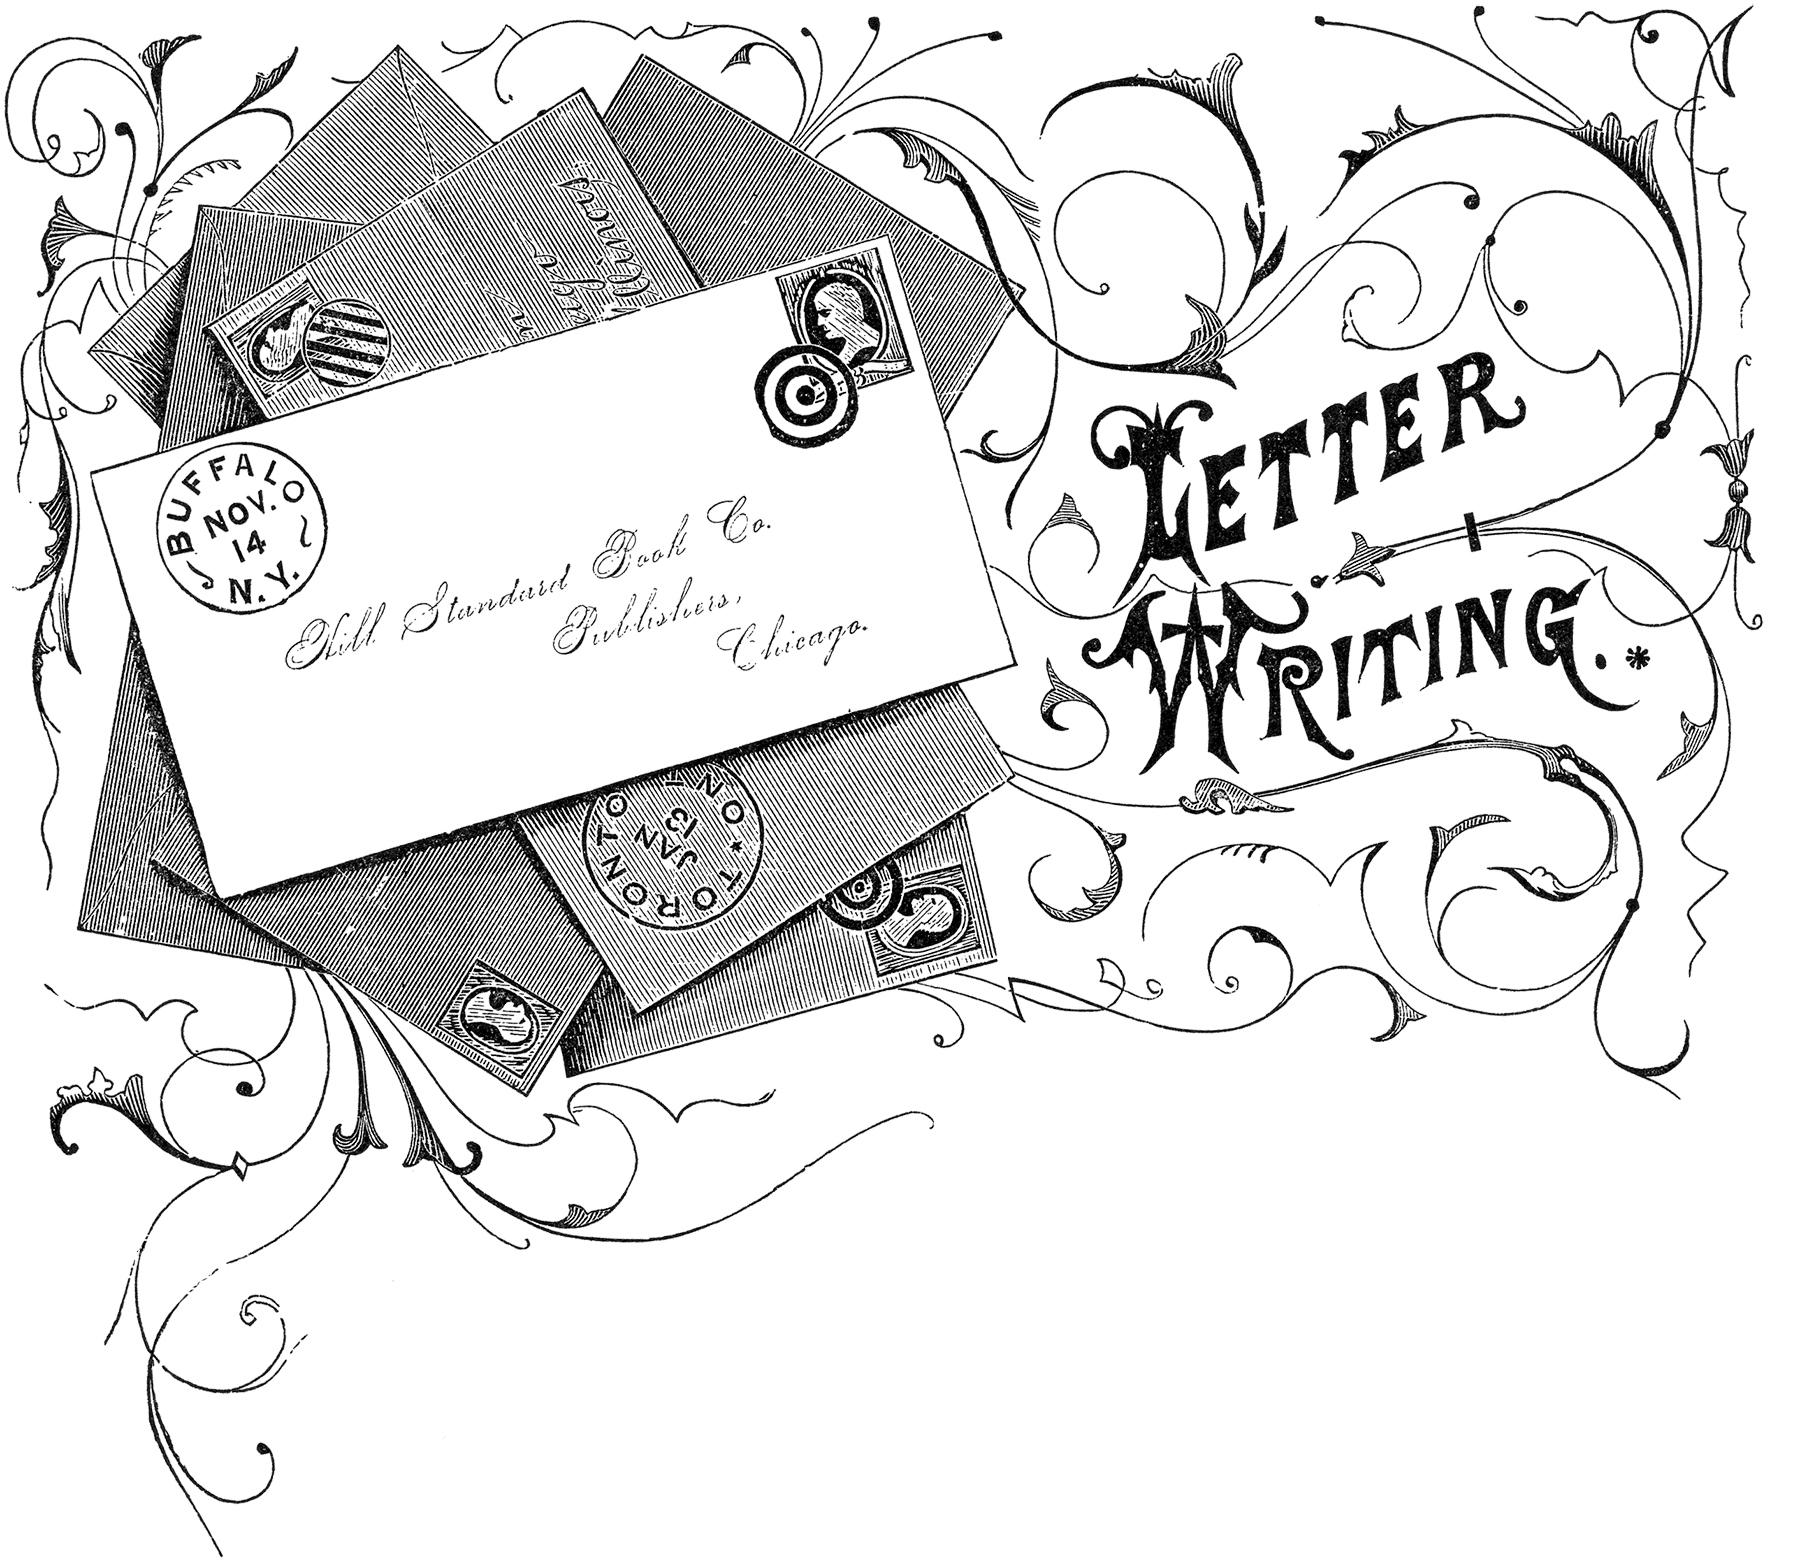 Vintage Letter Writing Image